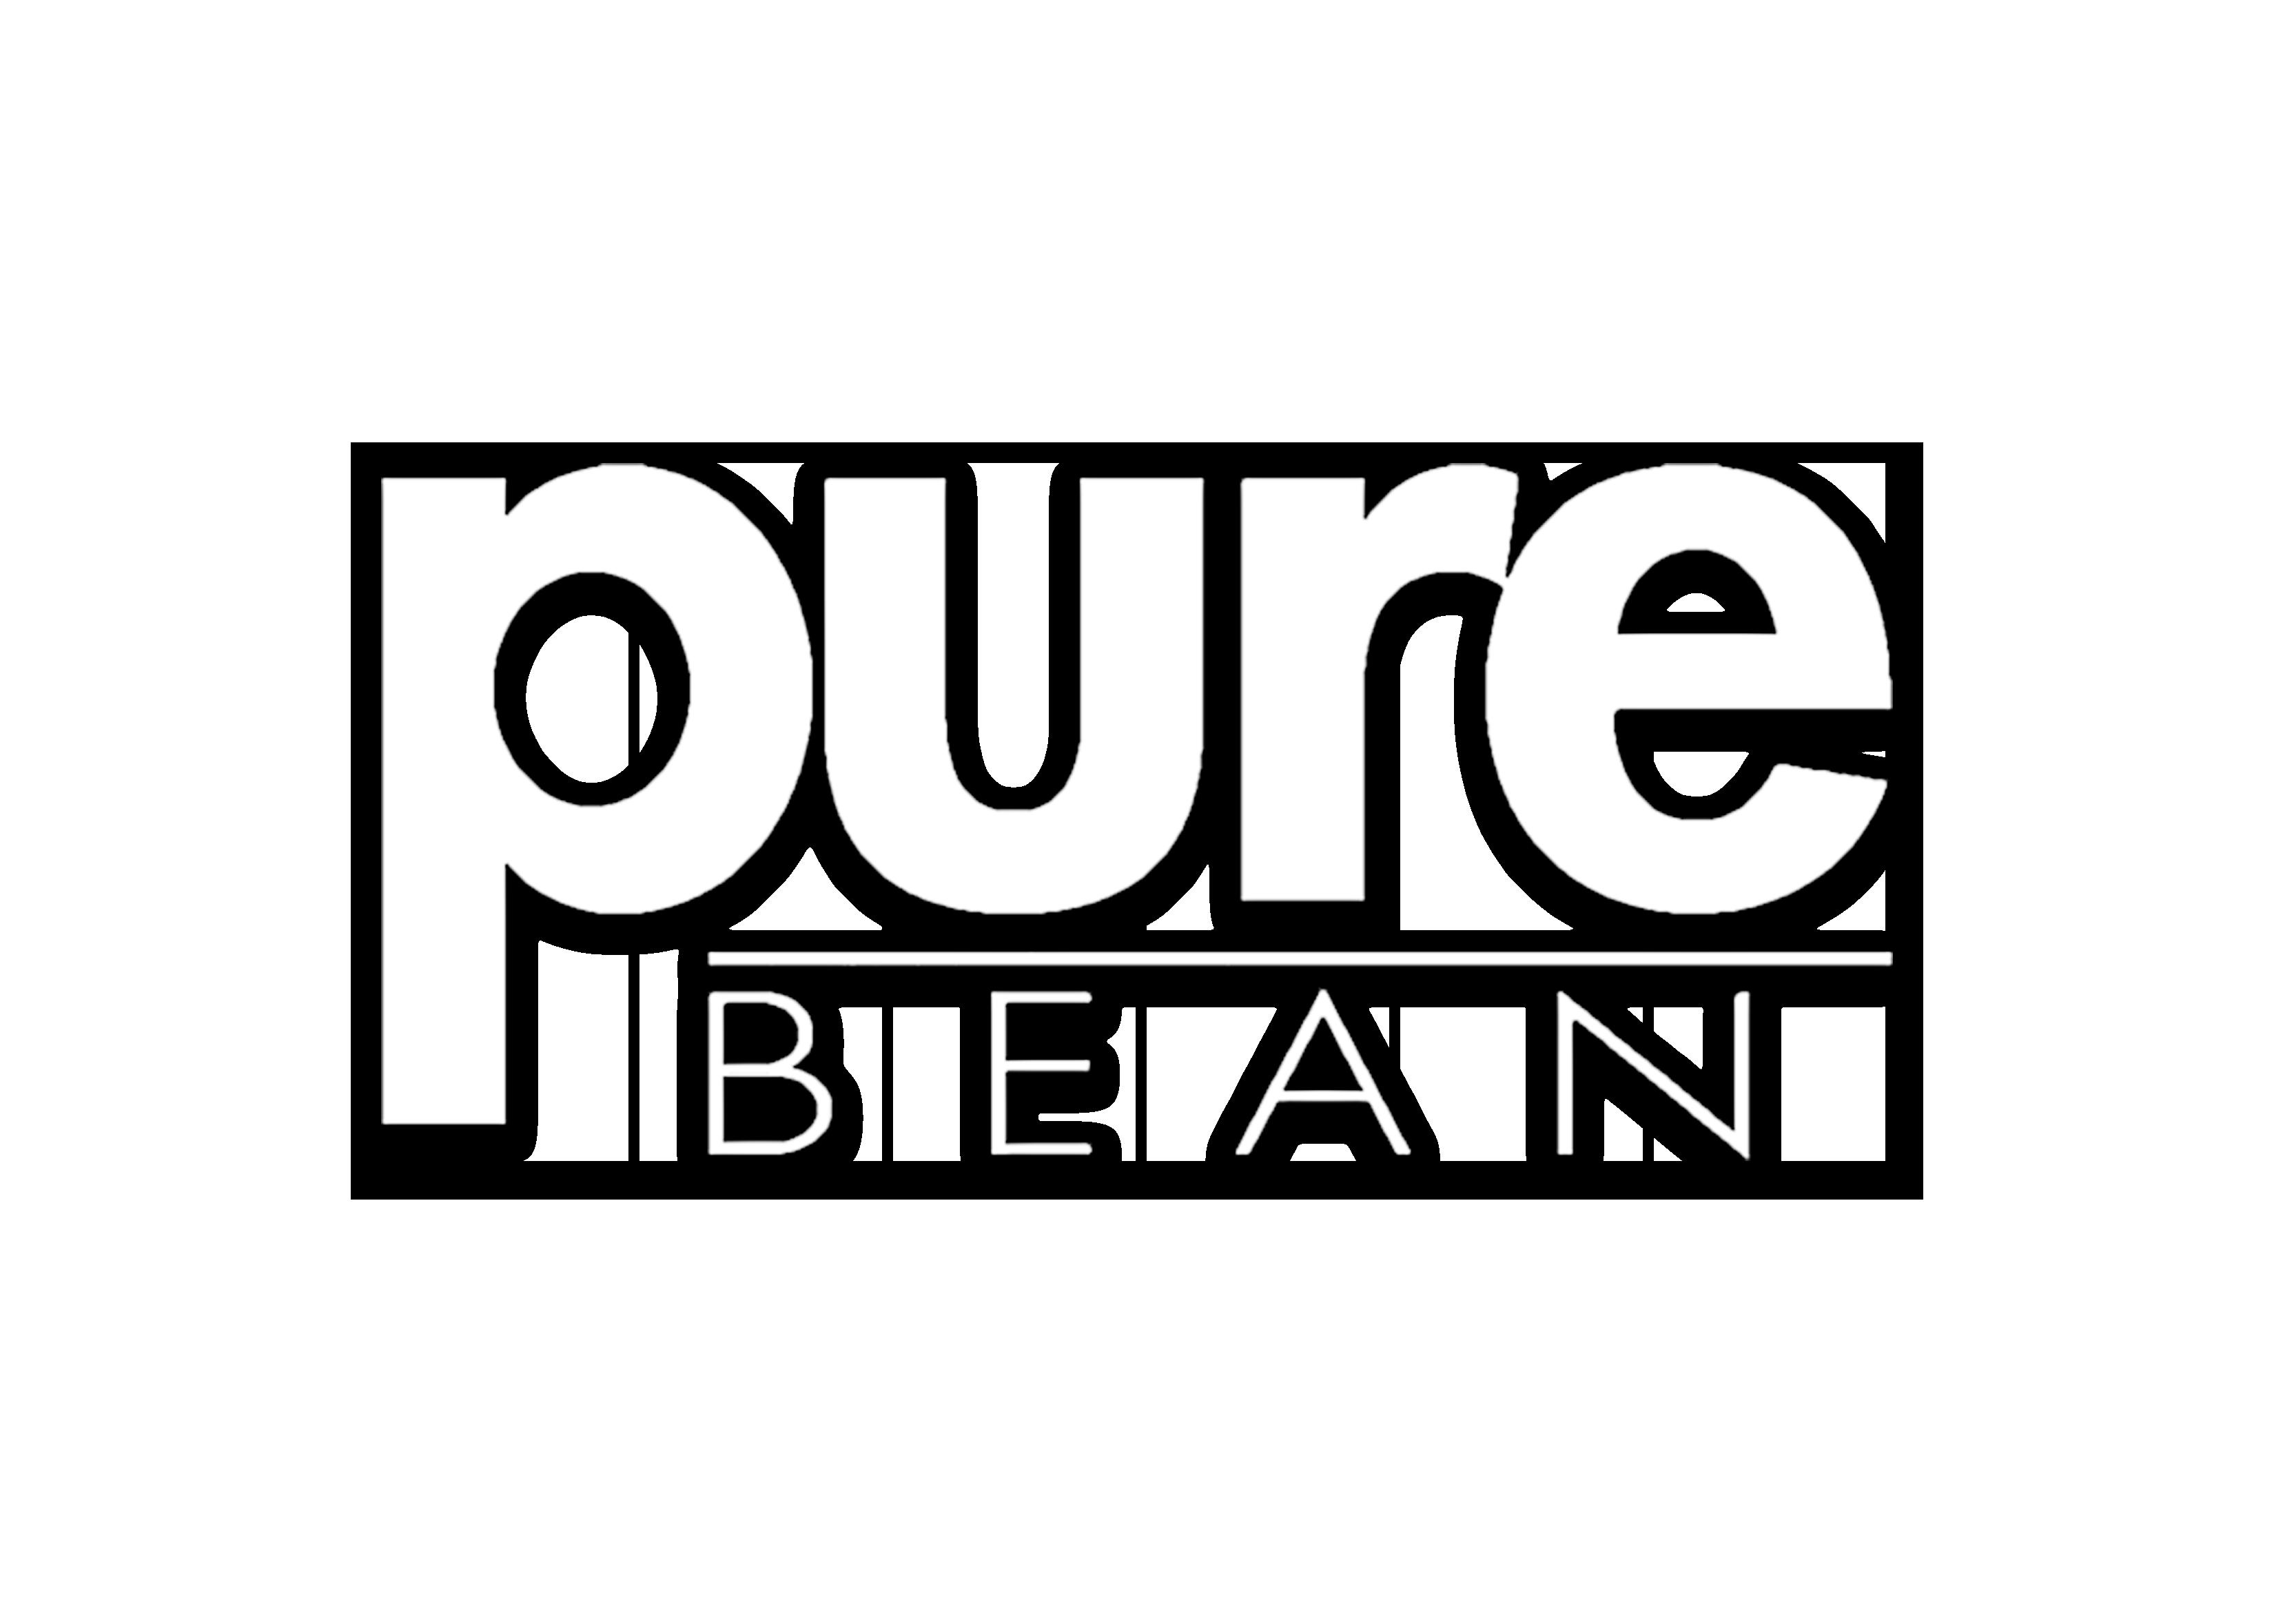 Pure Bean Harrisburg